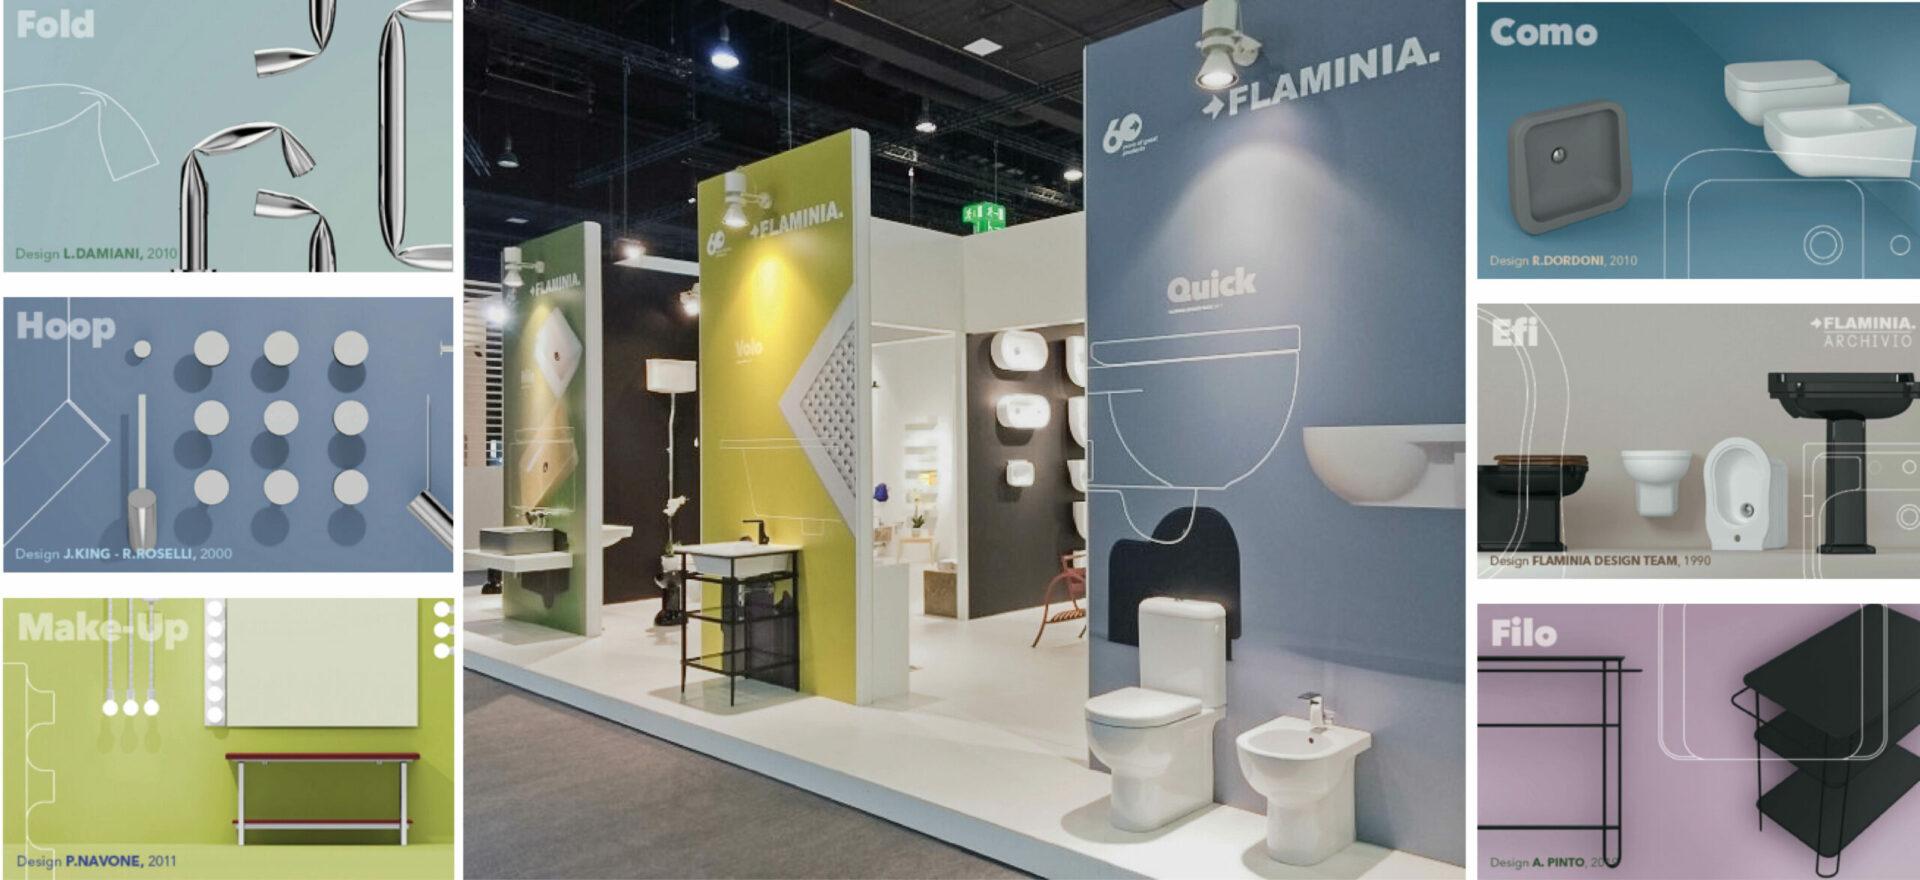 Good Morning Design | Exhibition Design | Ceramica Flaminia | Mario Trimarchi Design | Fragile